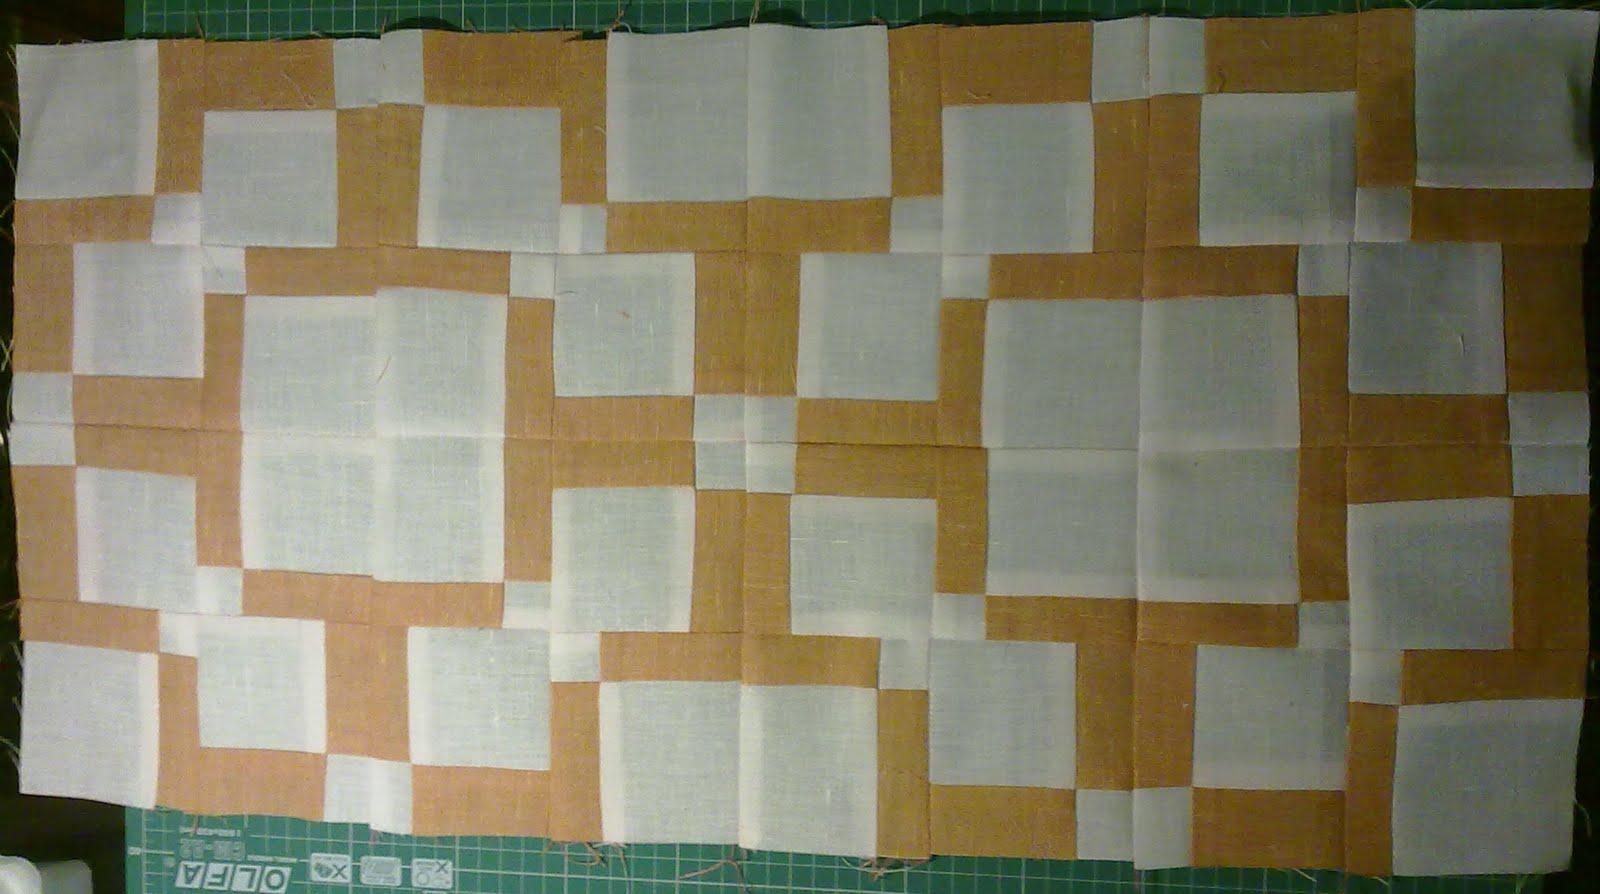 Haciendo Patch PatchworkTutorialRoll Nine Desaparece Que Block Con EDWe29IYH